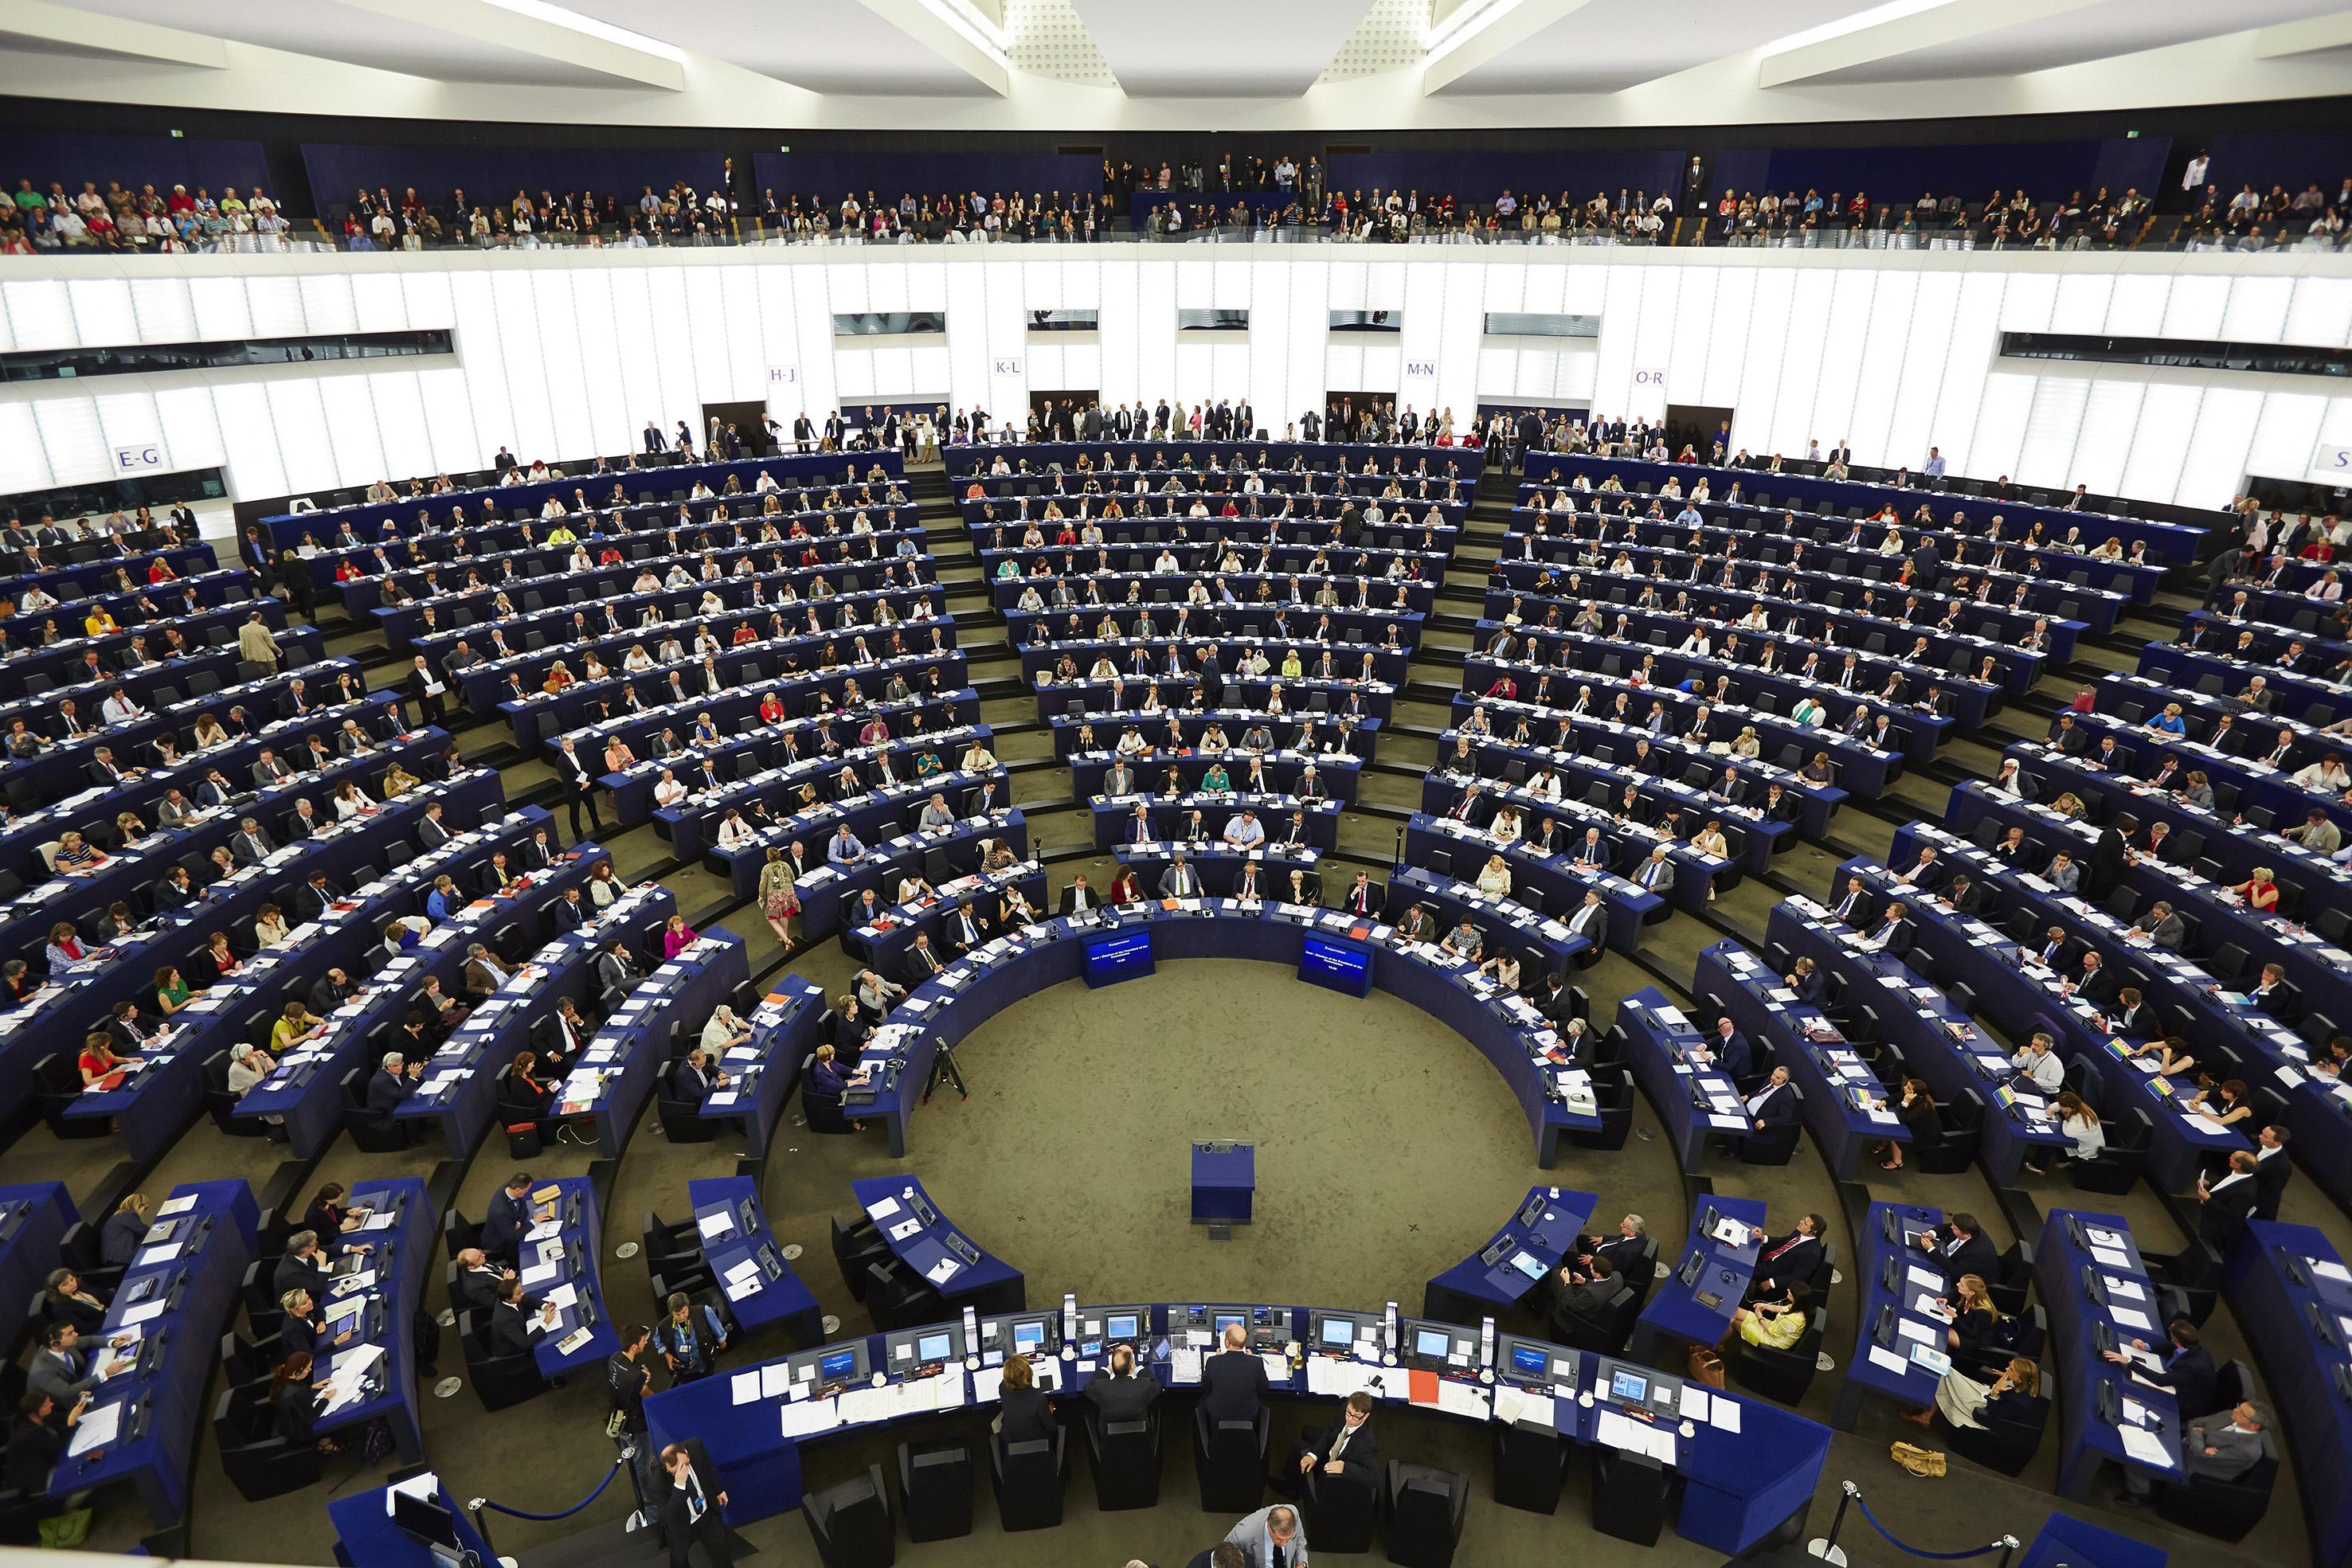 DEBATT: L: Rösta för Europas framtid på söndag